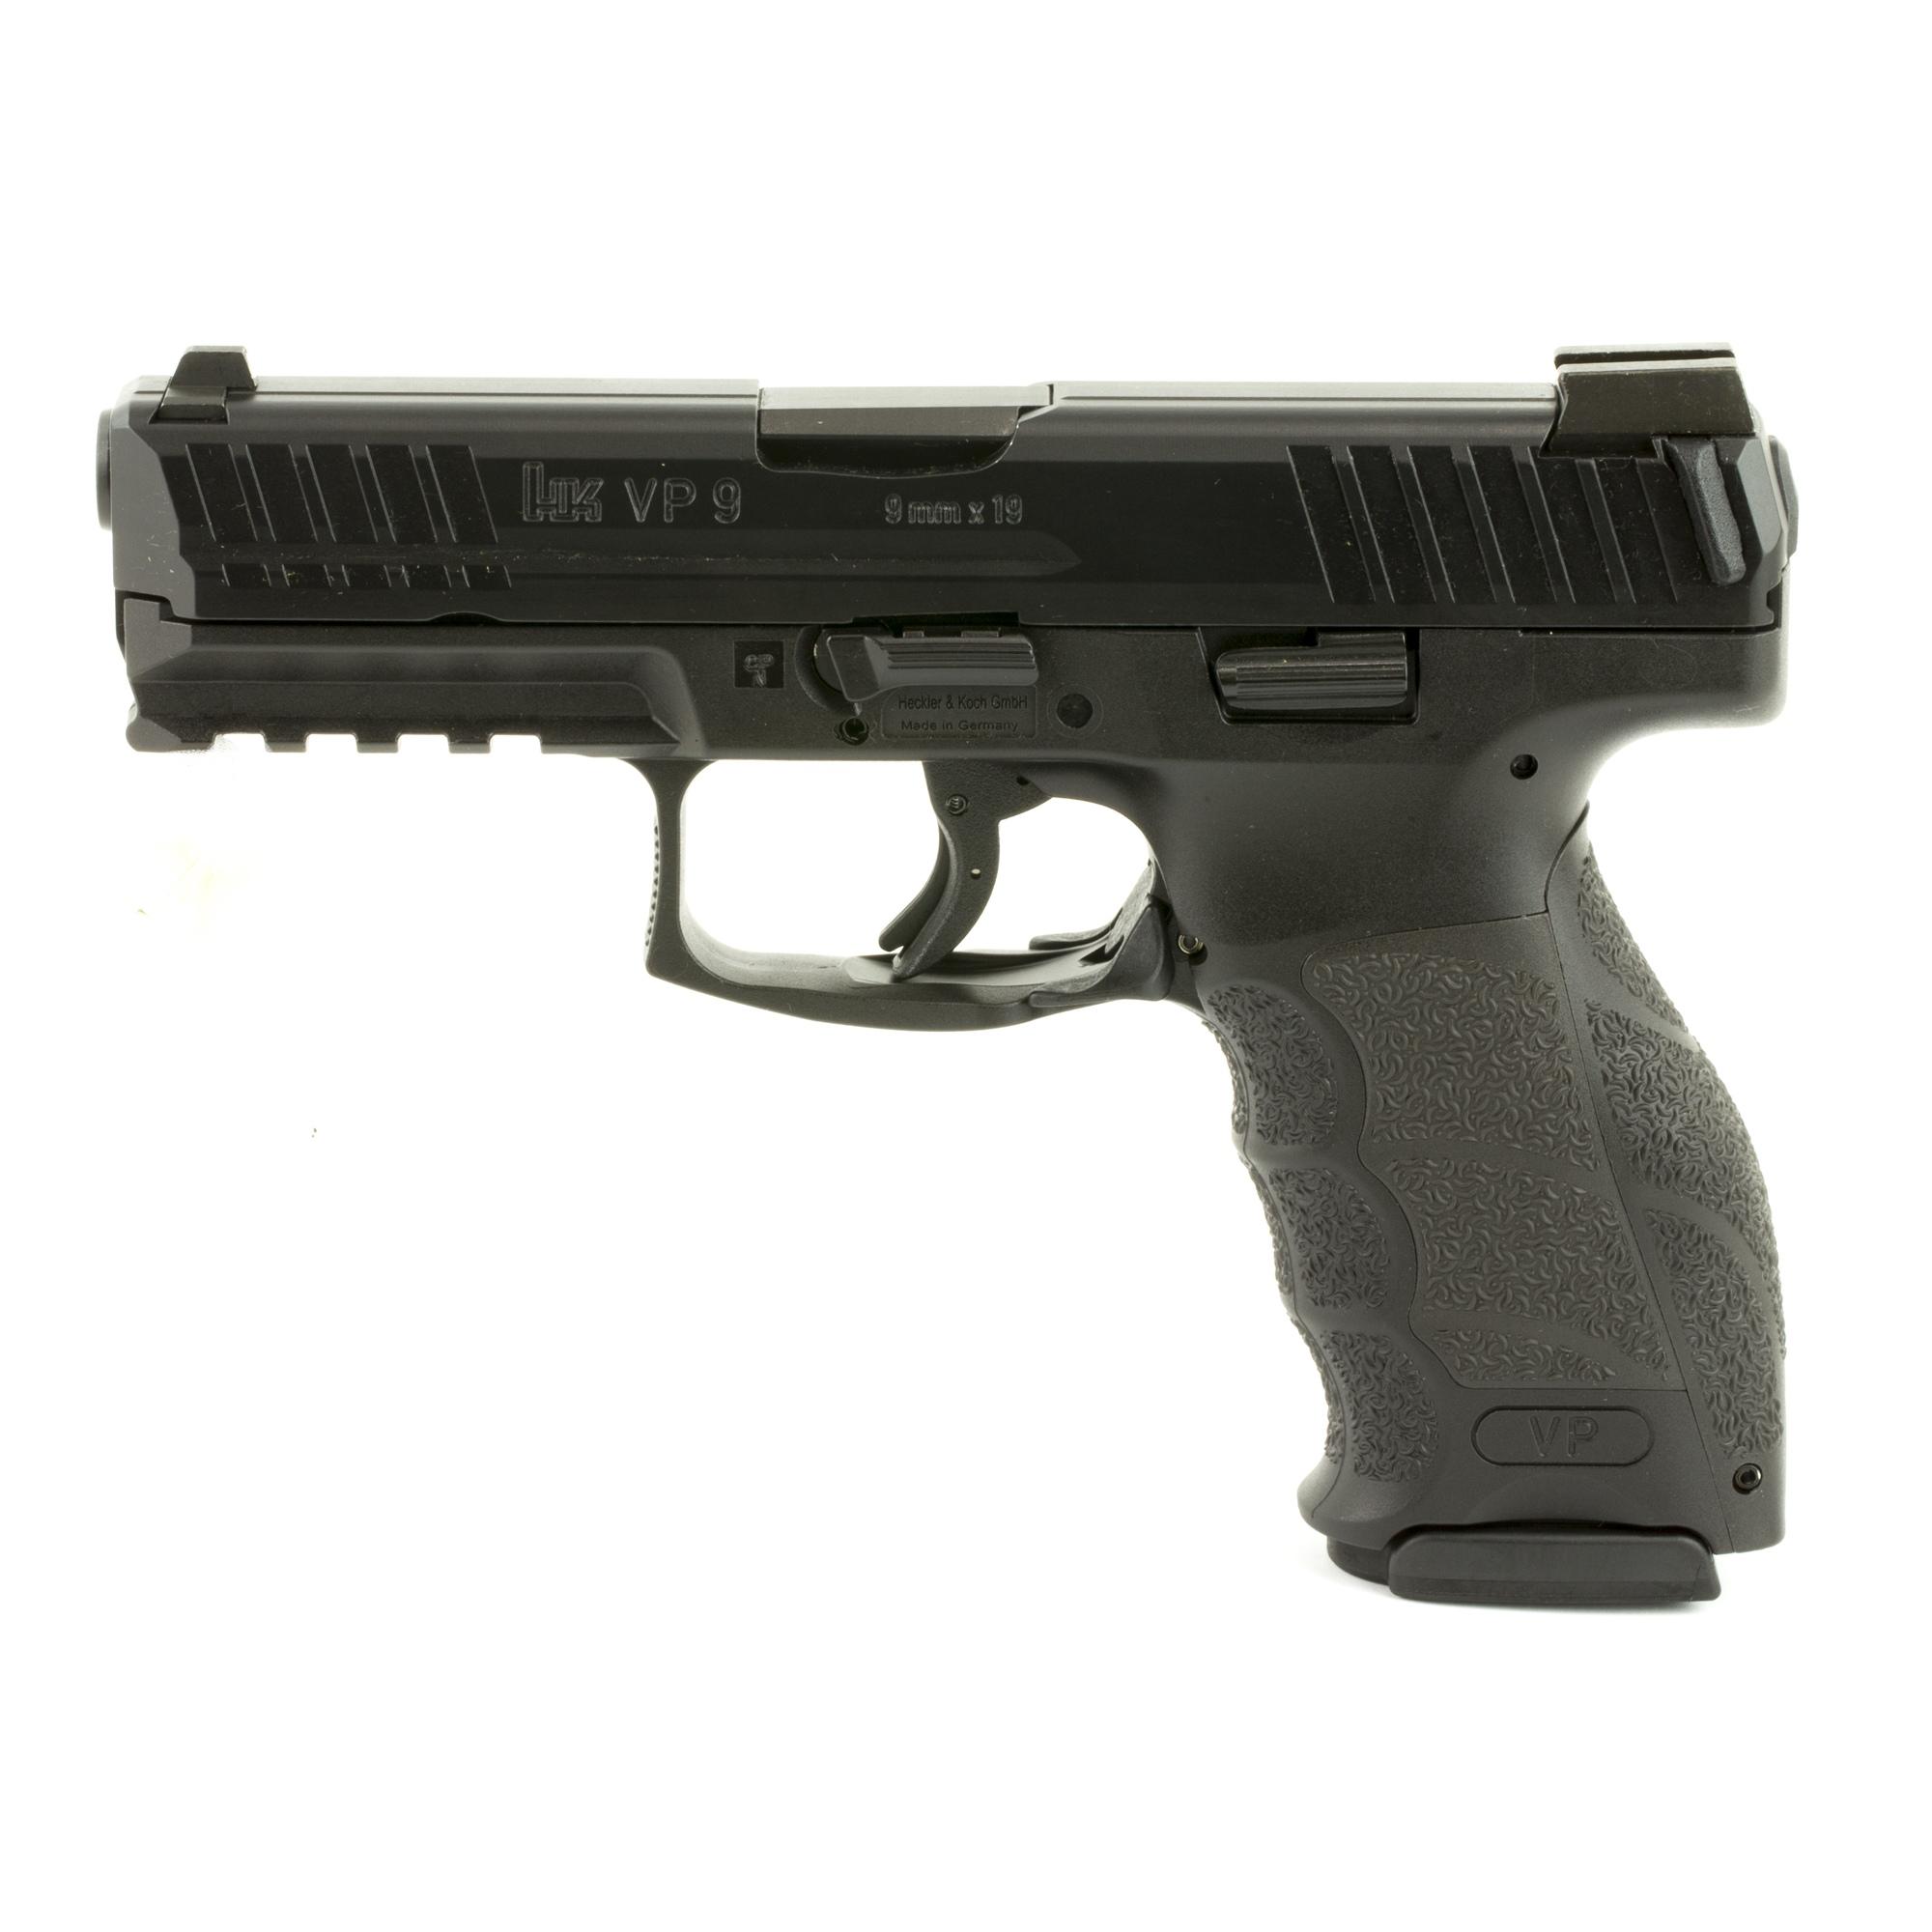 HK VP9 LE 9mm Black · 700009LE-A5 · DK Firearms